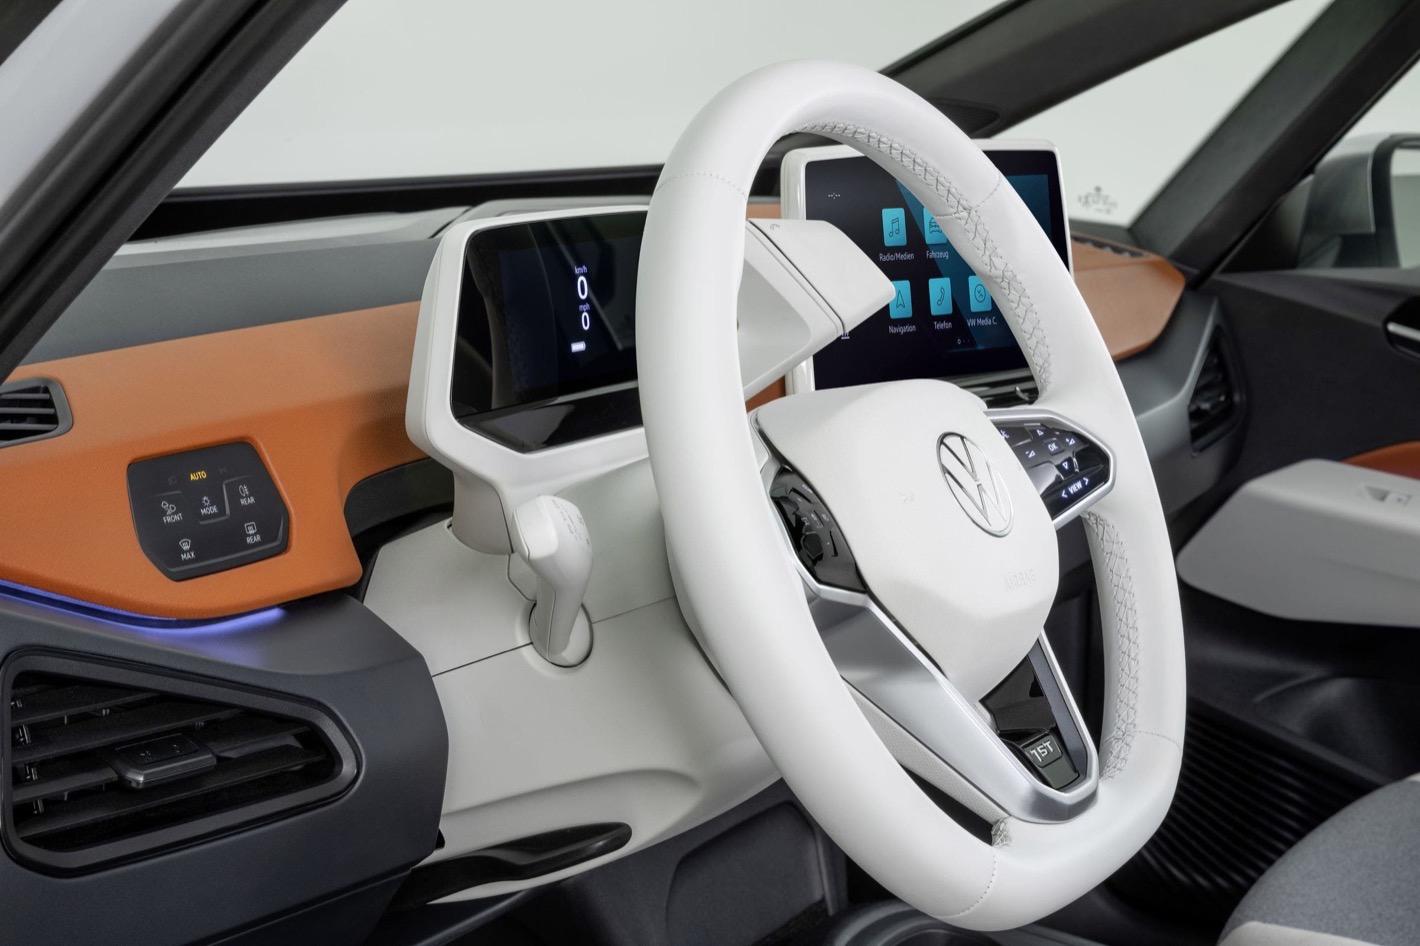 Szef działu oprogramowania VW zwolniony, motodinozaury w kłopotach